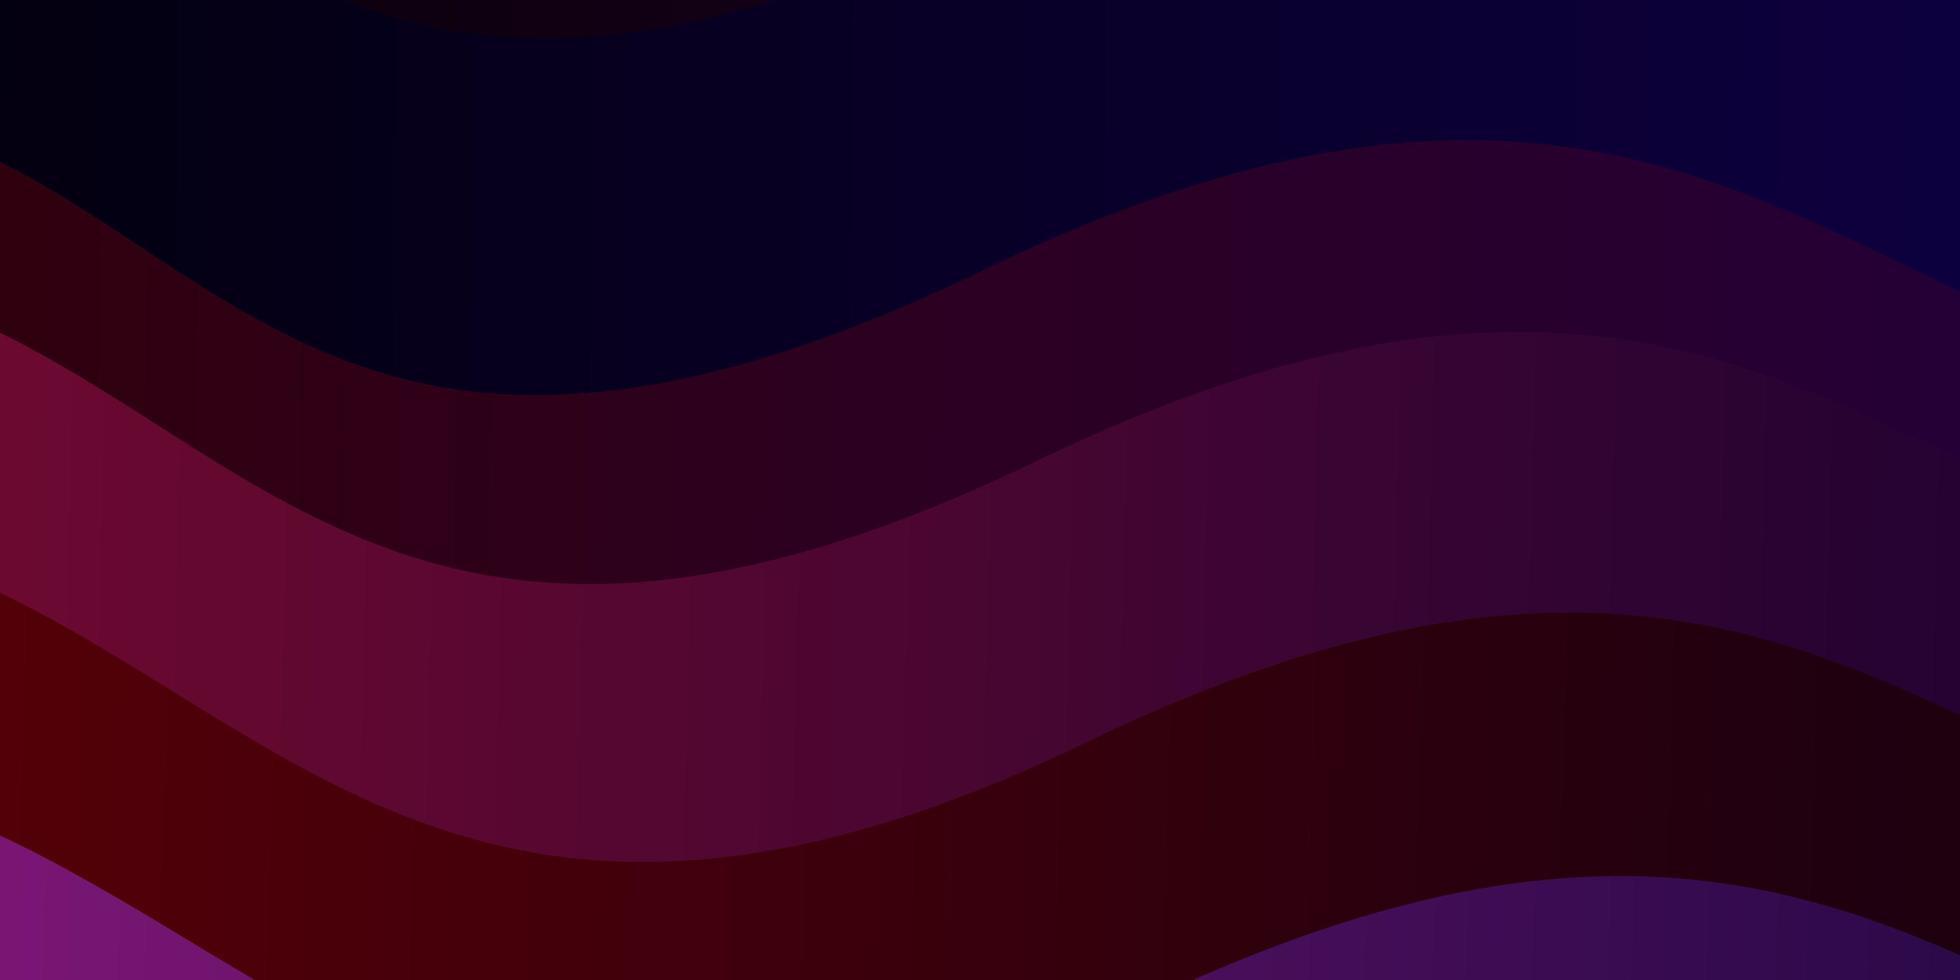 disposition de vecteur bleu foncé, rouge avec des lignes ironiques.